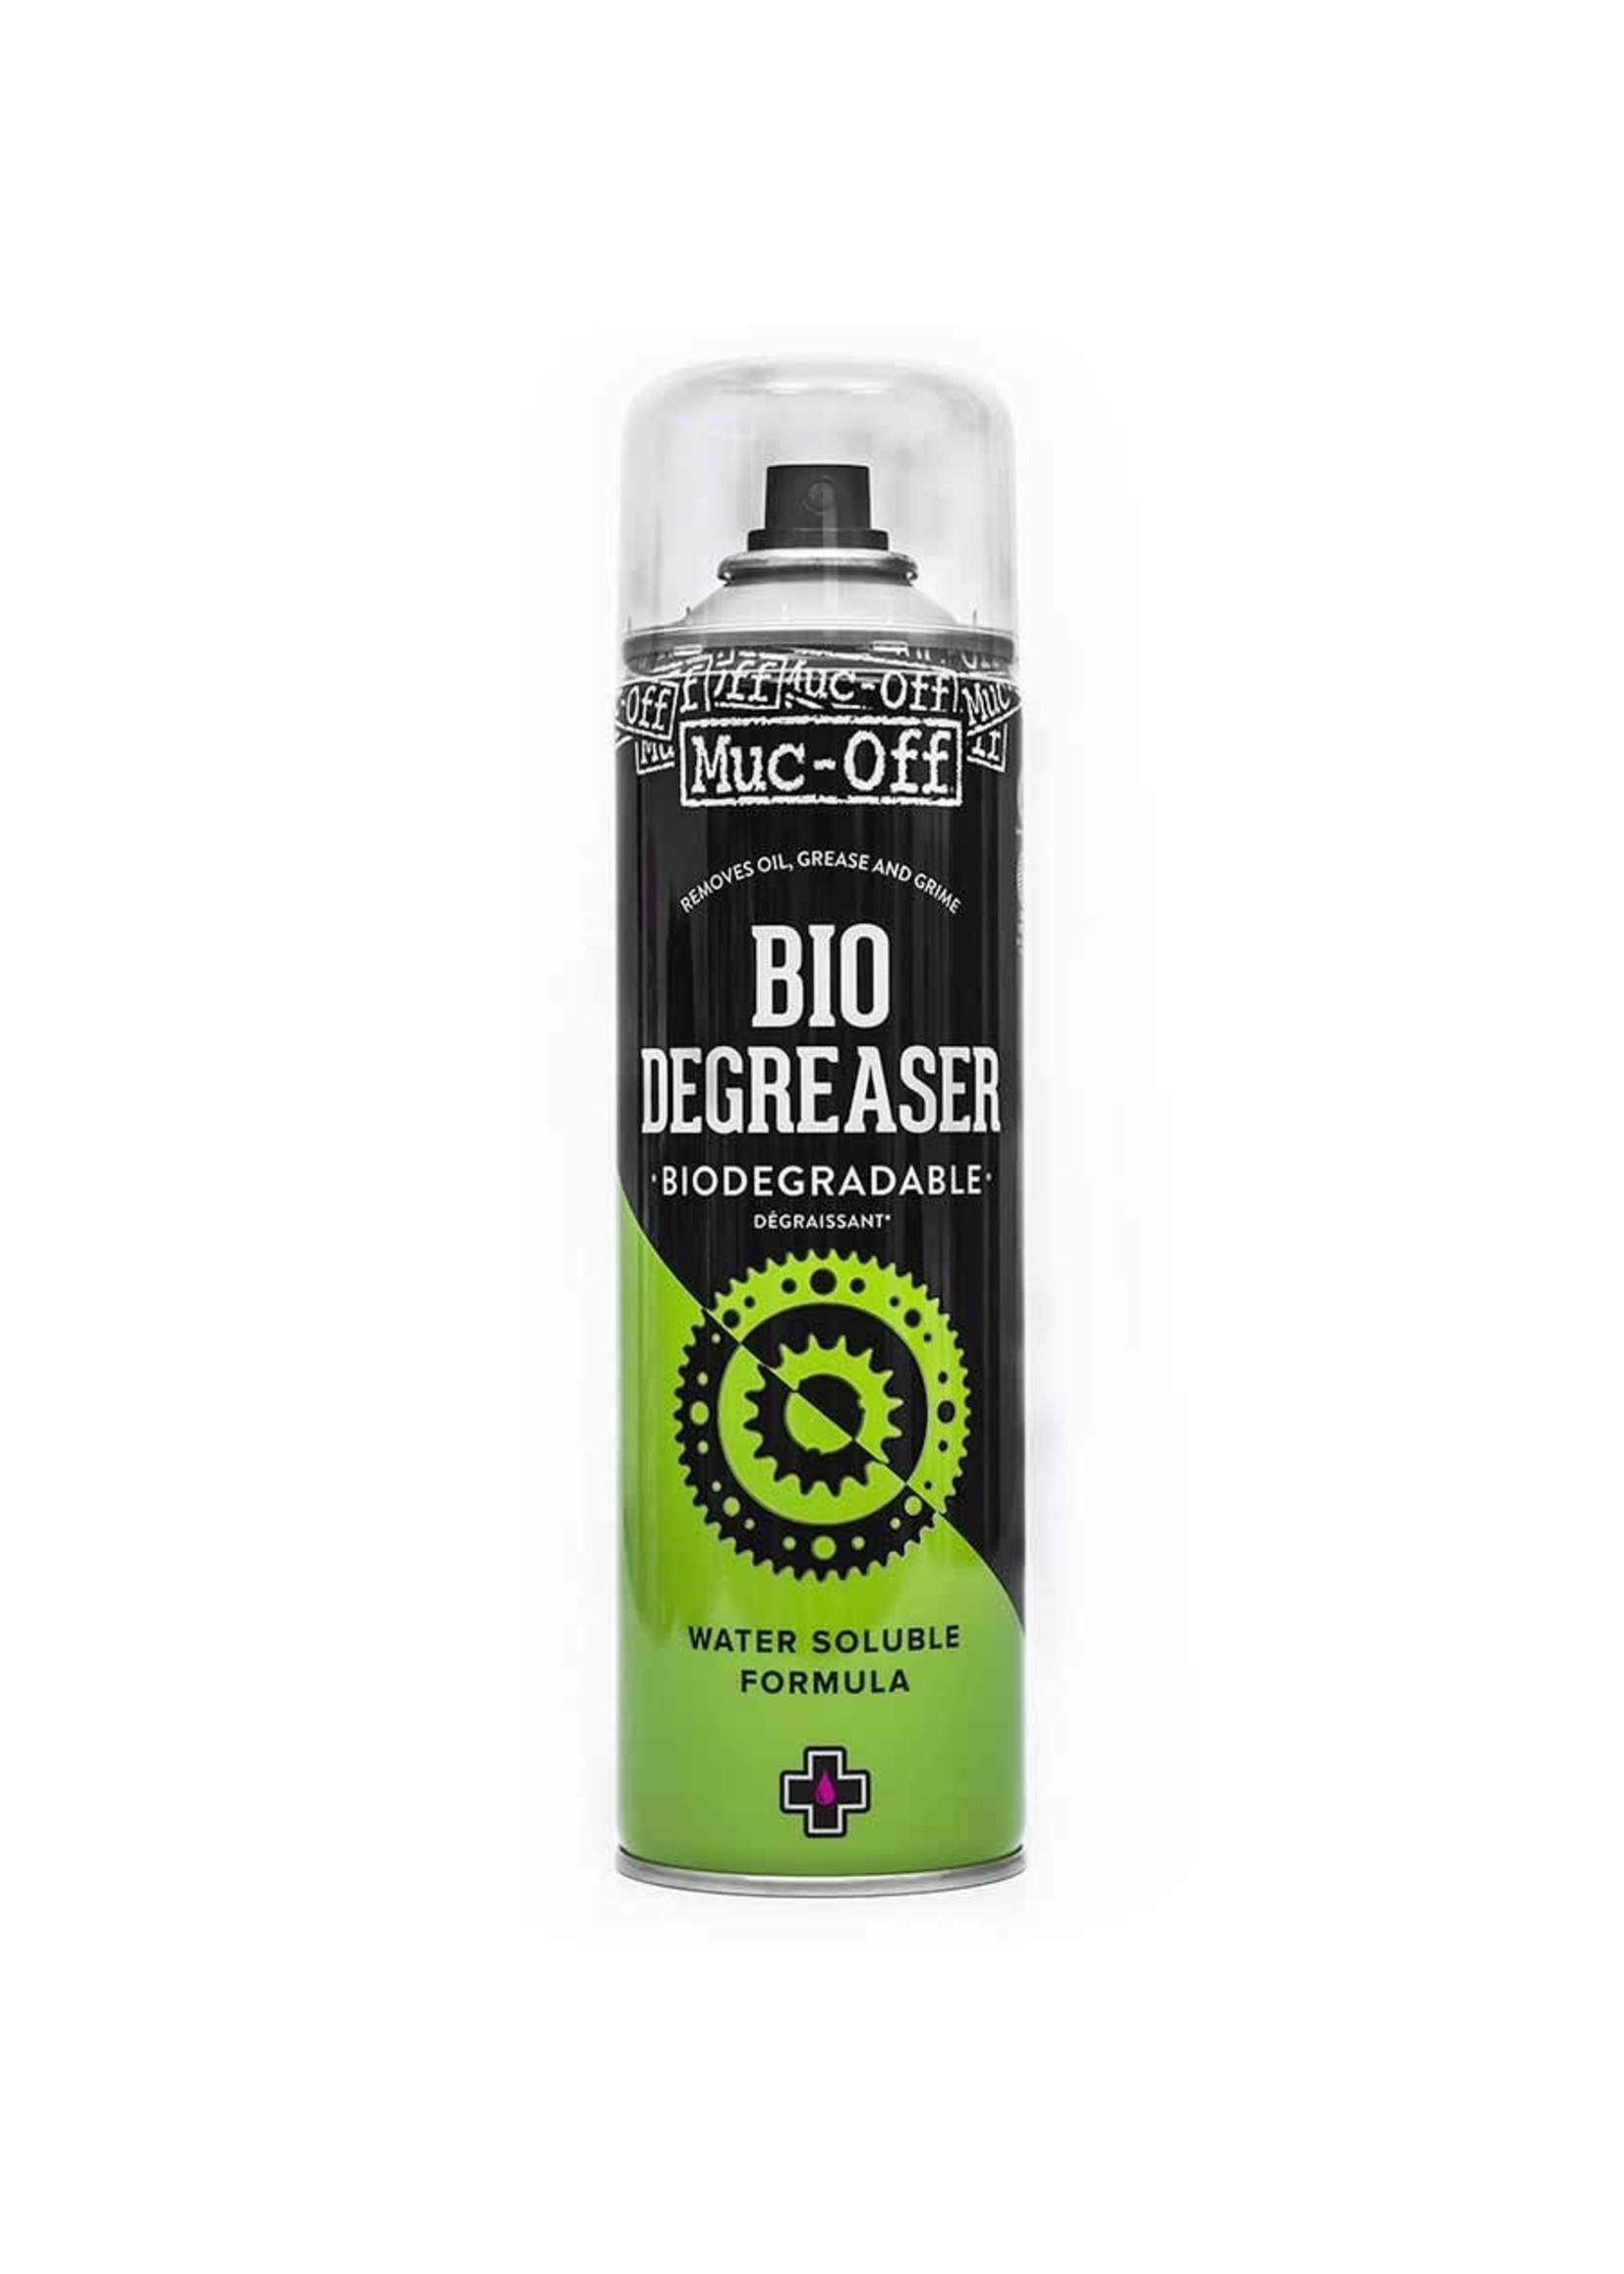 Muc-Off Muc-Off, Bio Degreaser 500ml Aerosol